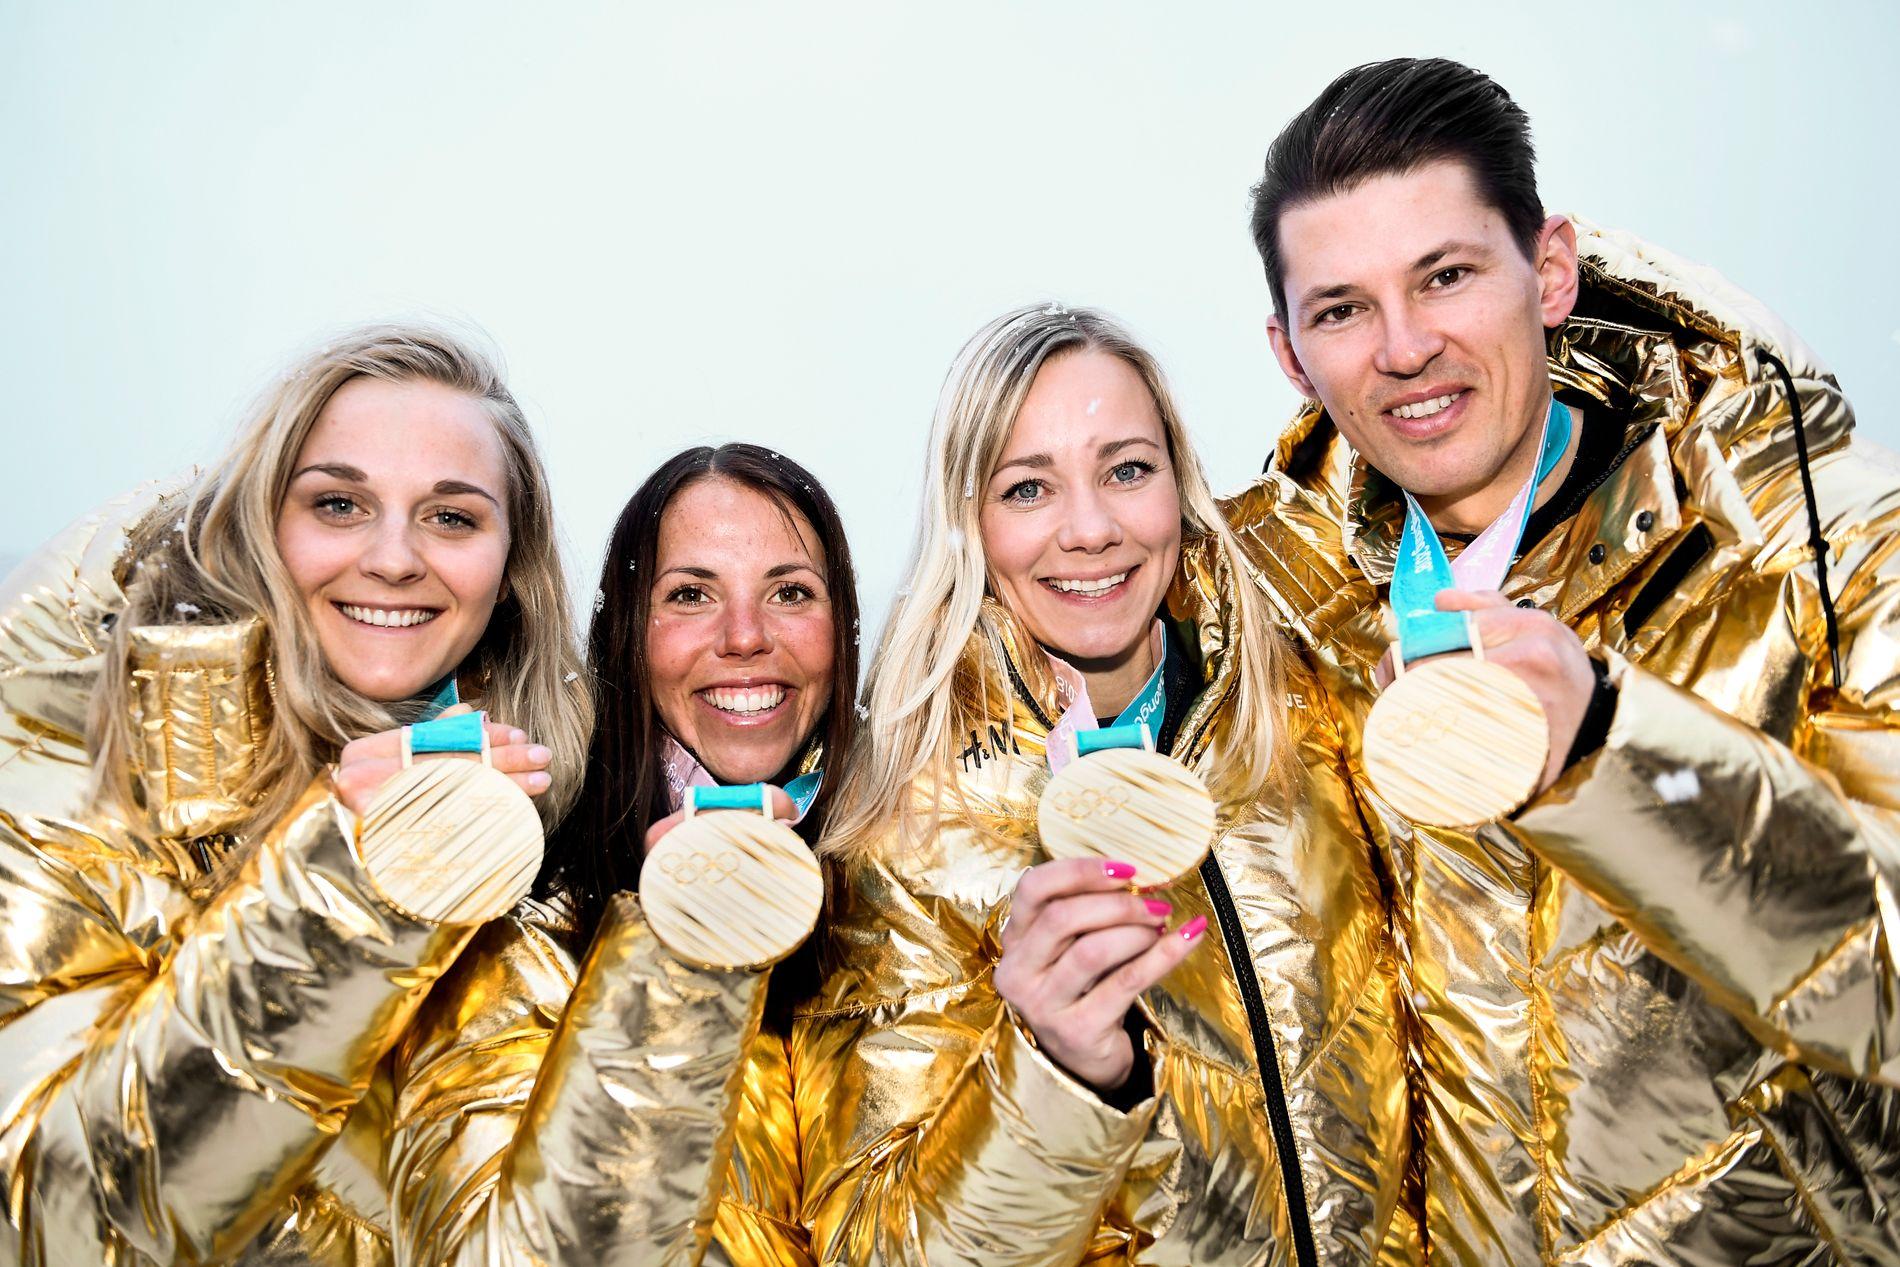 SVENSK JUBEL: Sverige tok hele syv OL-gull i Pyeongchang. Stina Nilsson (fra venstre), Charlotte Kalla, Frida Hansdotter og André Myhrer var blant dem som bragte gult og blått helt til topps.